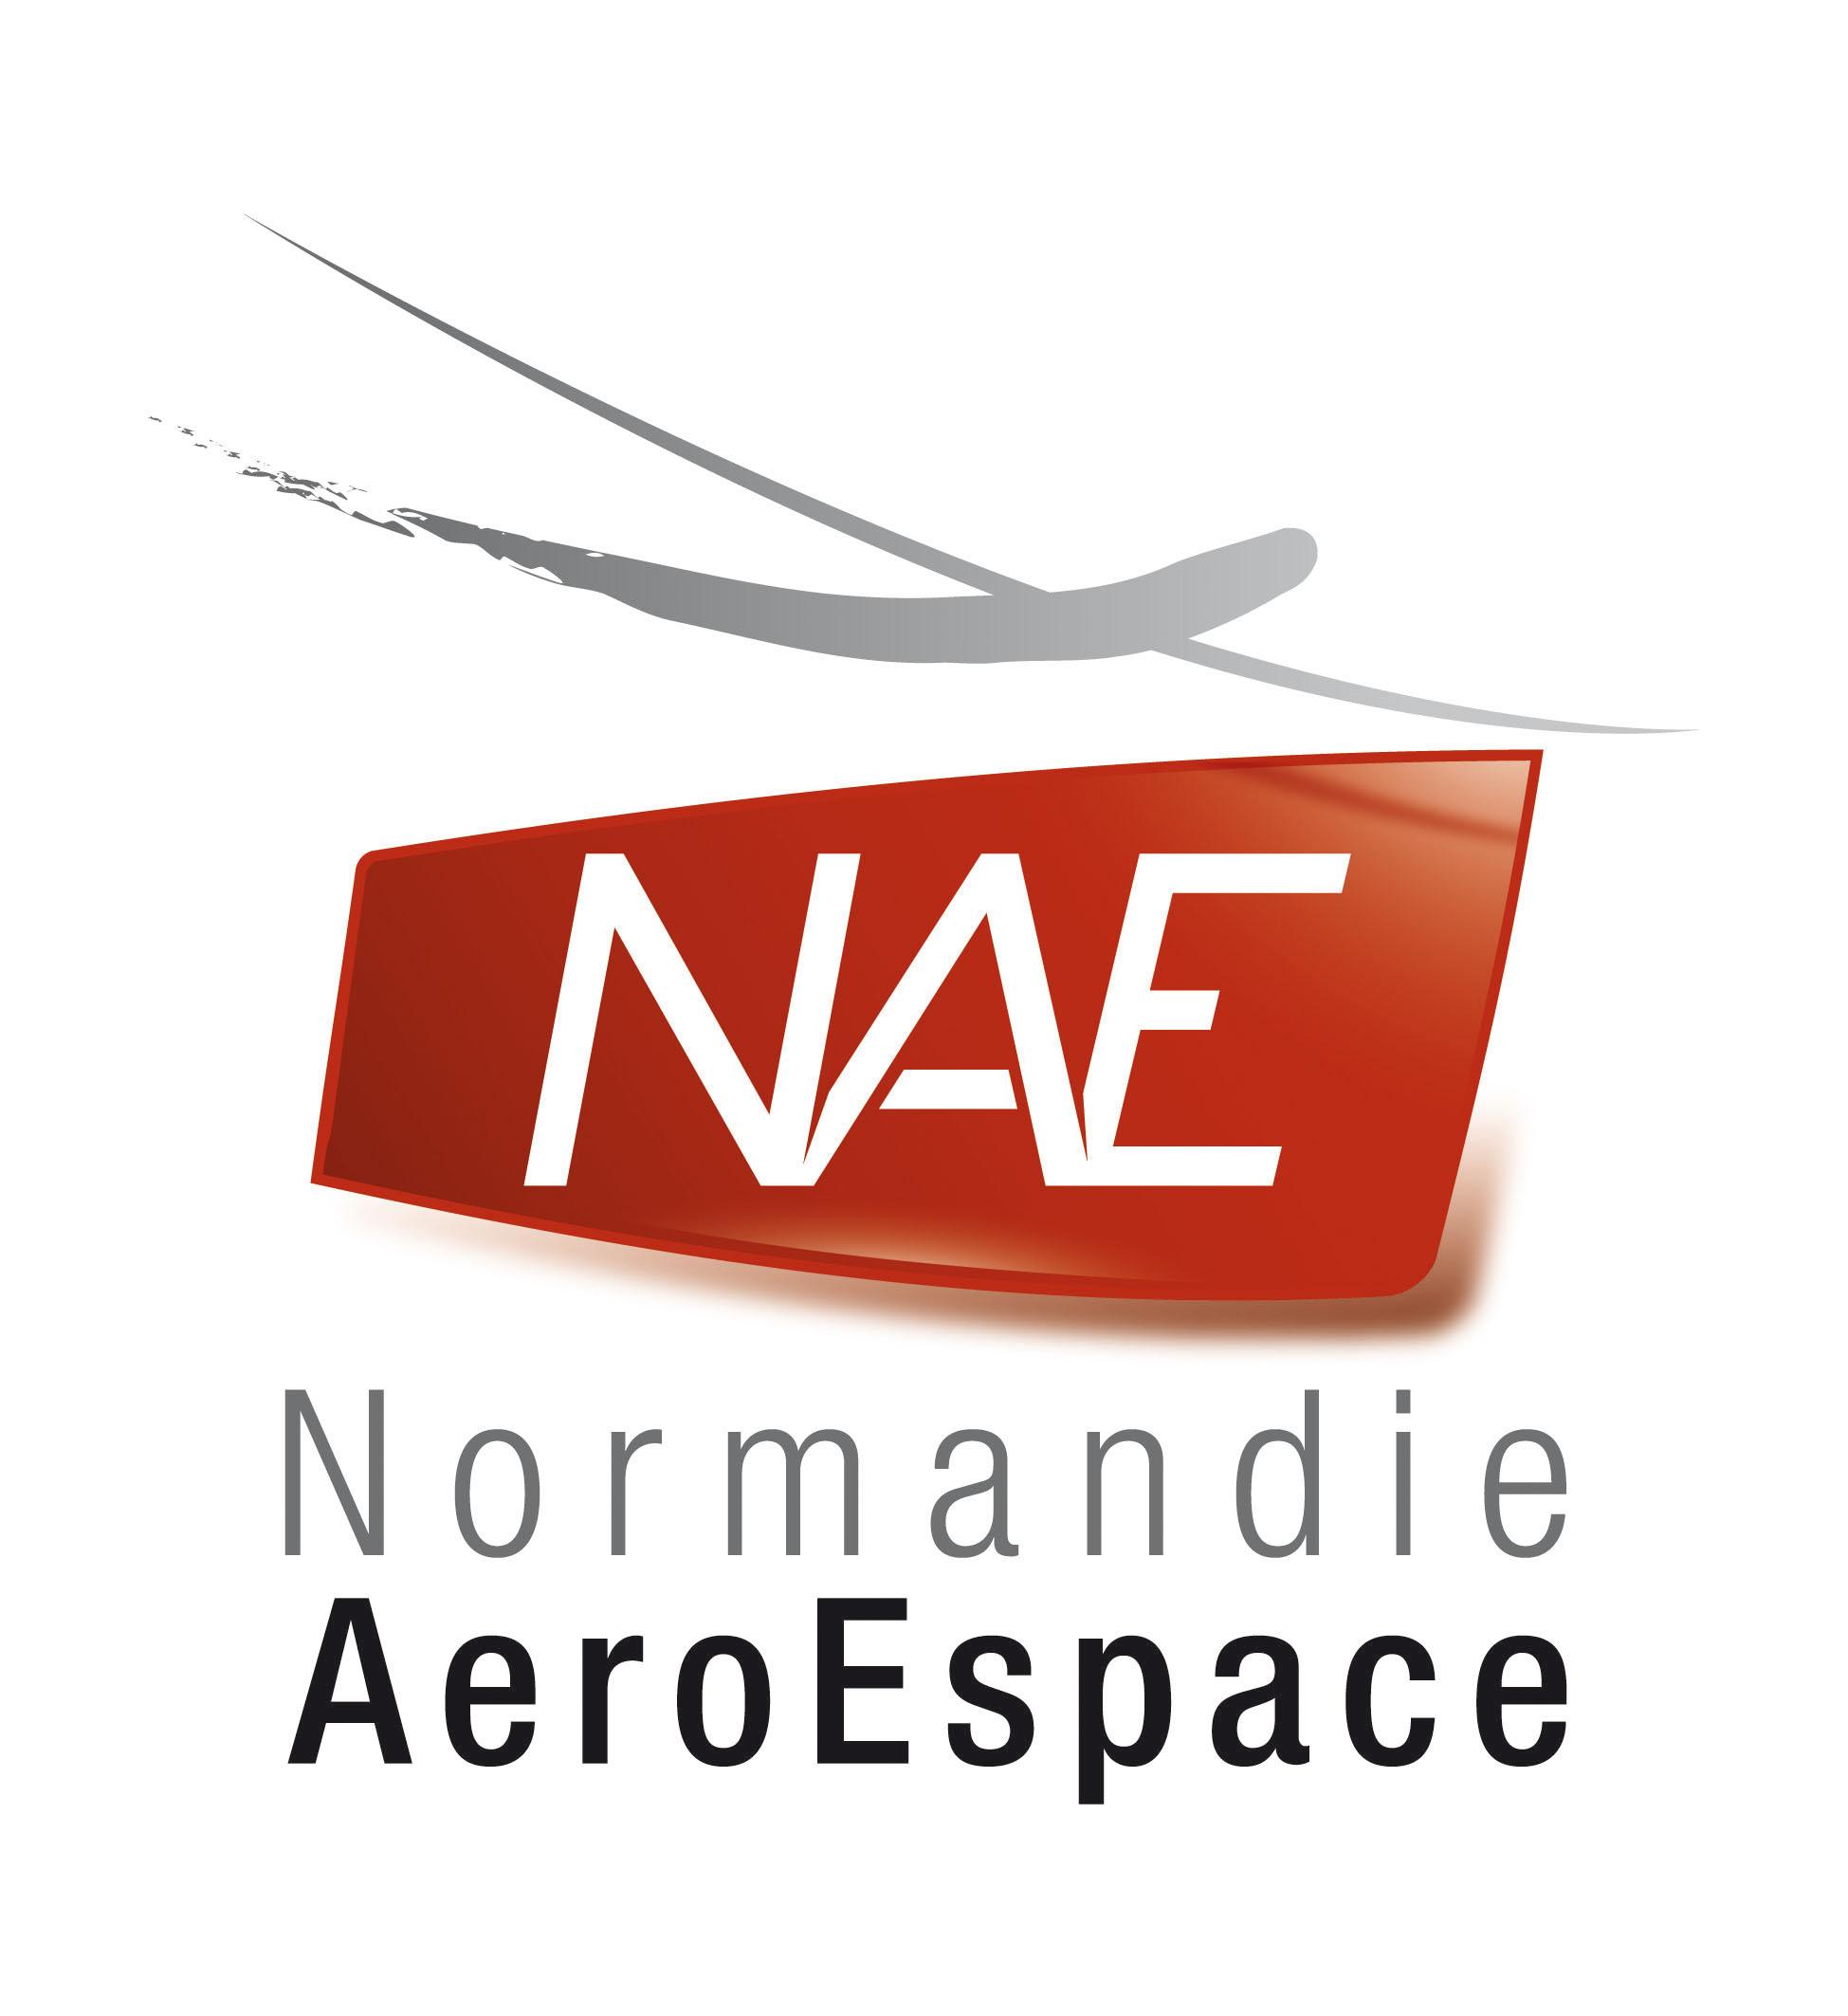 NAE_2011-Fd_Blanc_RVB_sans_baseline